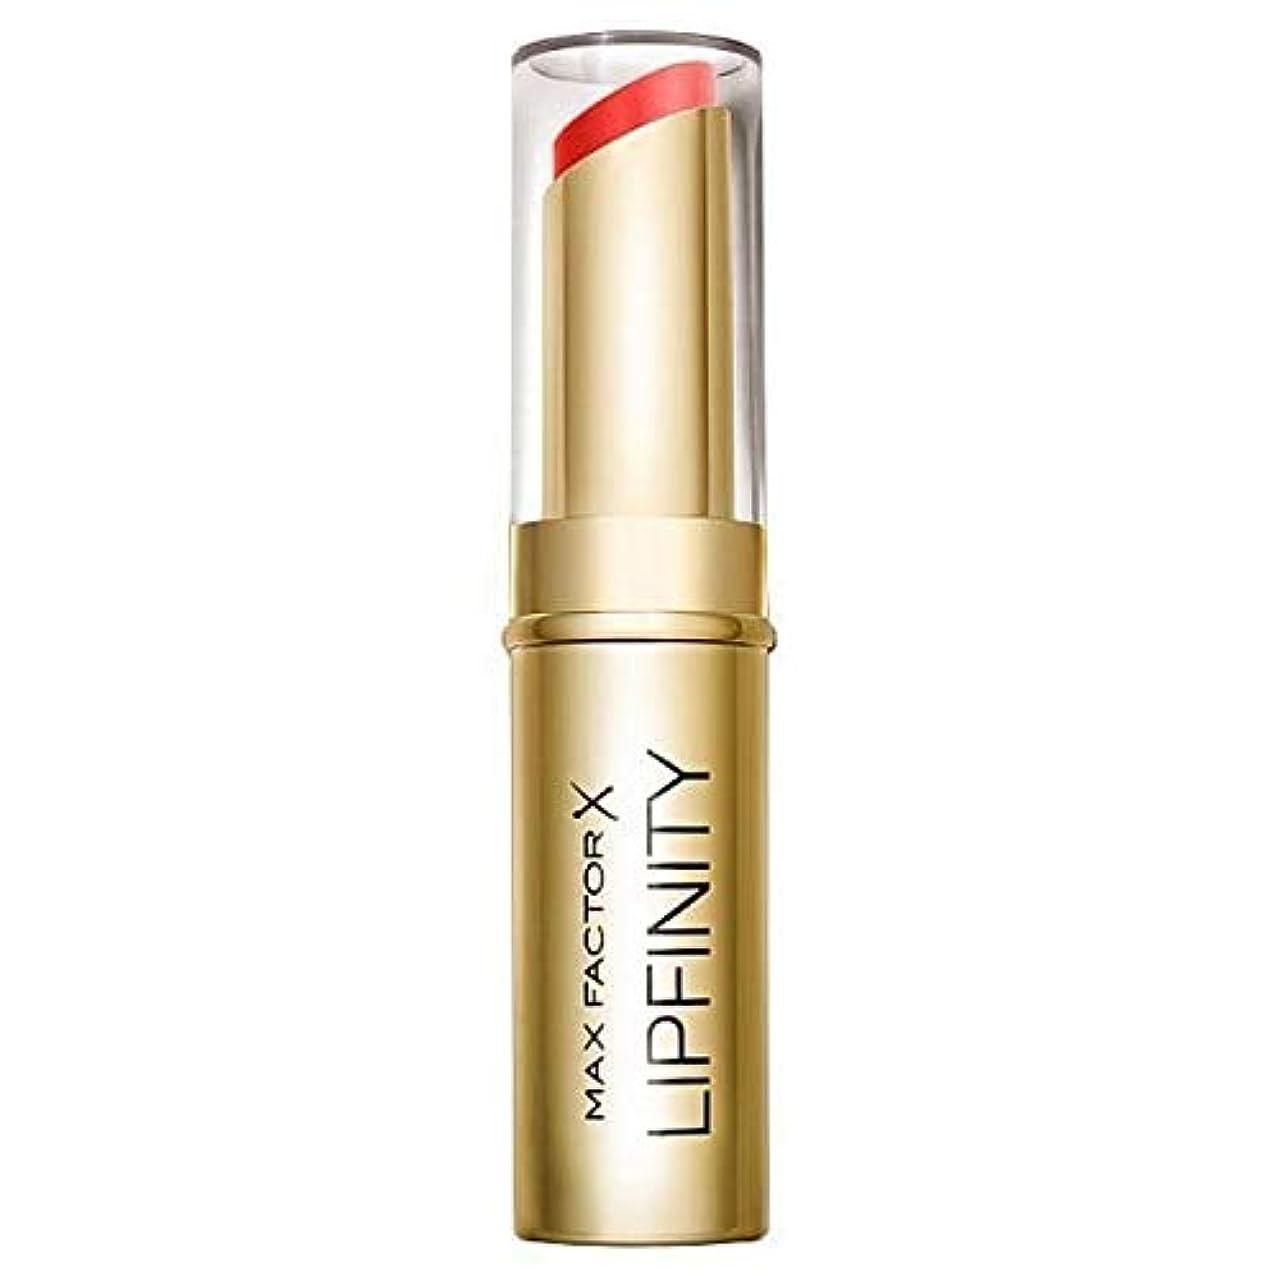 注釈に勝るハグ[Max Factor ] 長い口紅だけの豪華持続マックスファクターLipfinity - Max Factor Lipfinity Long Lasting Lipstick Just Deluxe [並行輸入品]